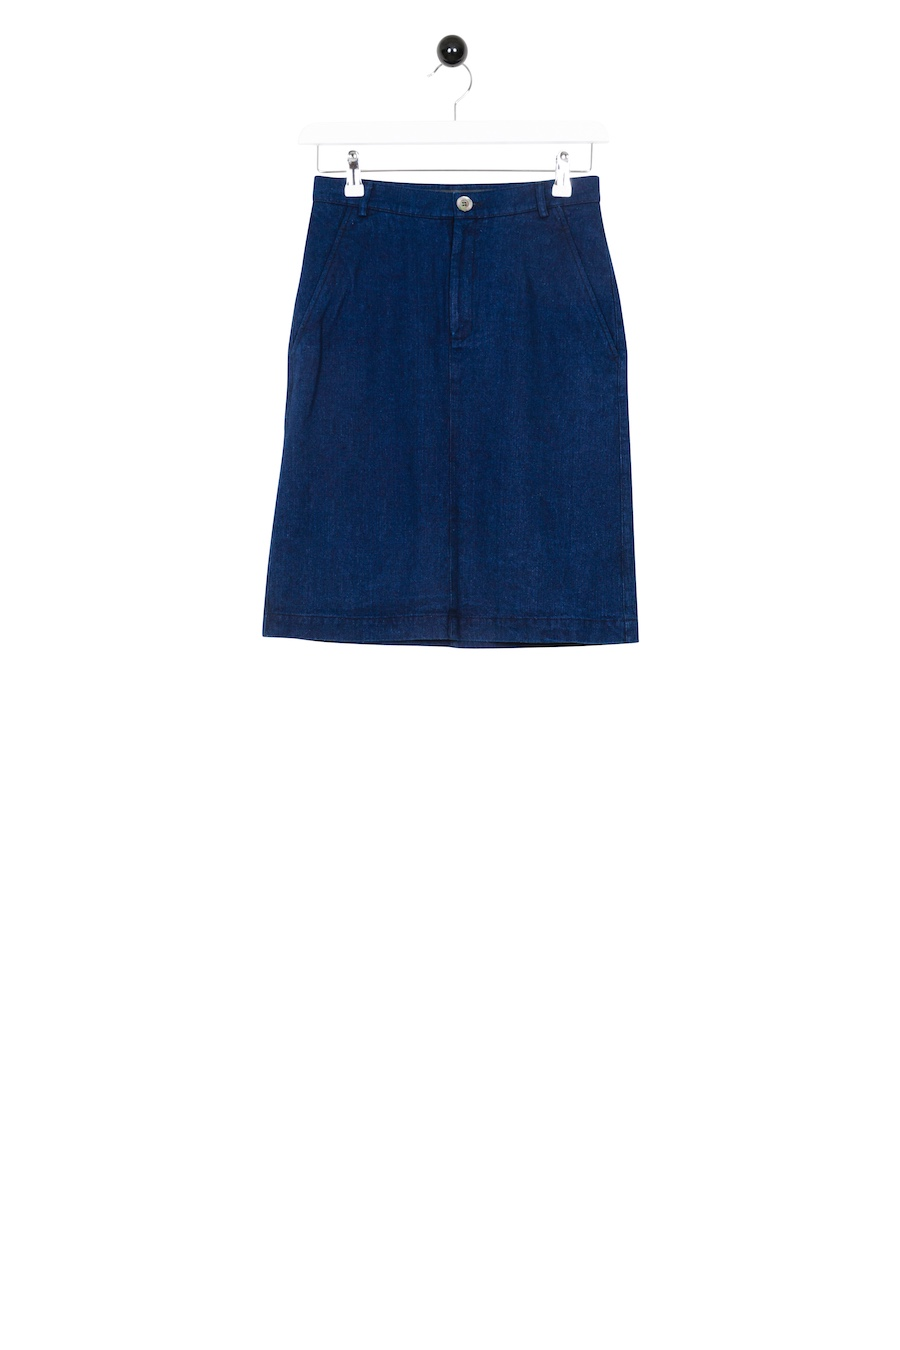 Kobolt Skirt